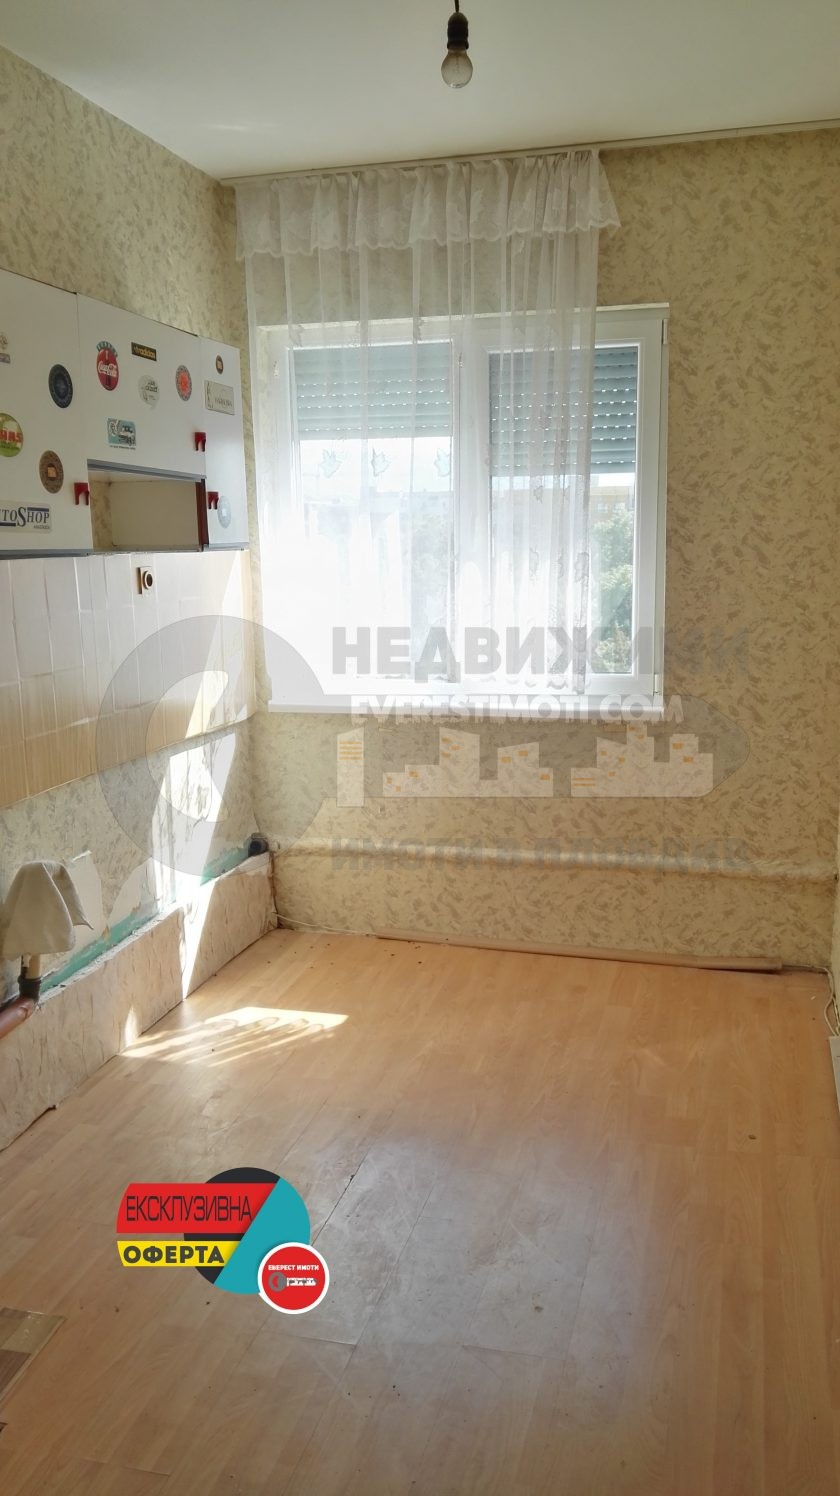 Ексклузивно!! Двустаен апартамент до Бирария Йегерхоф,кв.Тракия-Пловдив